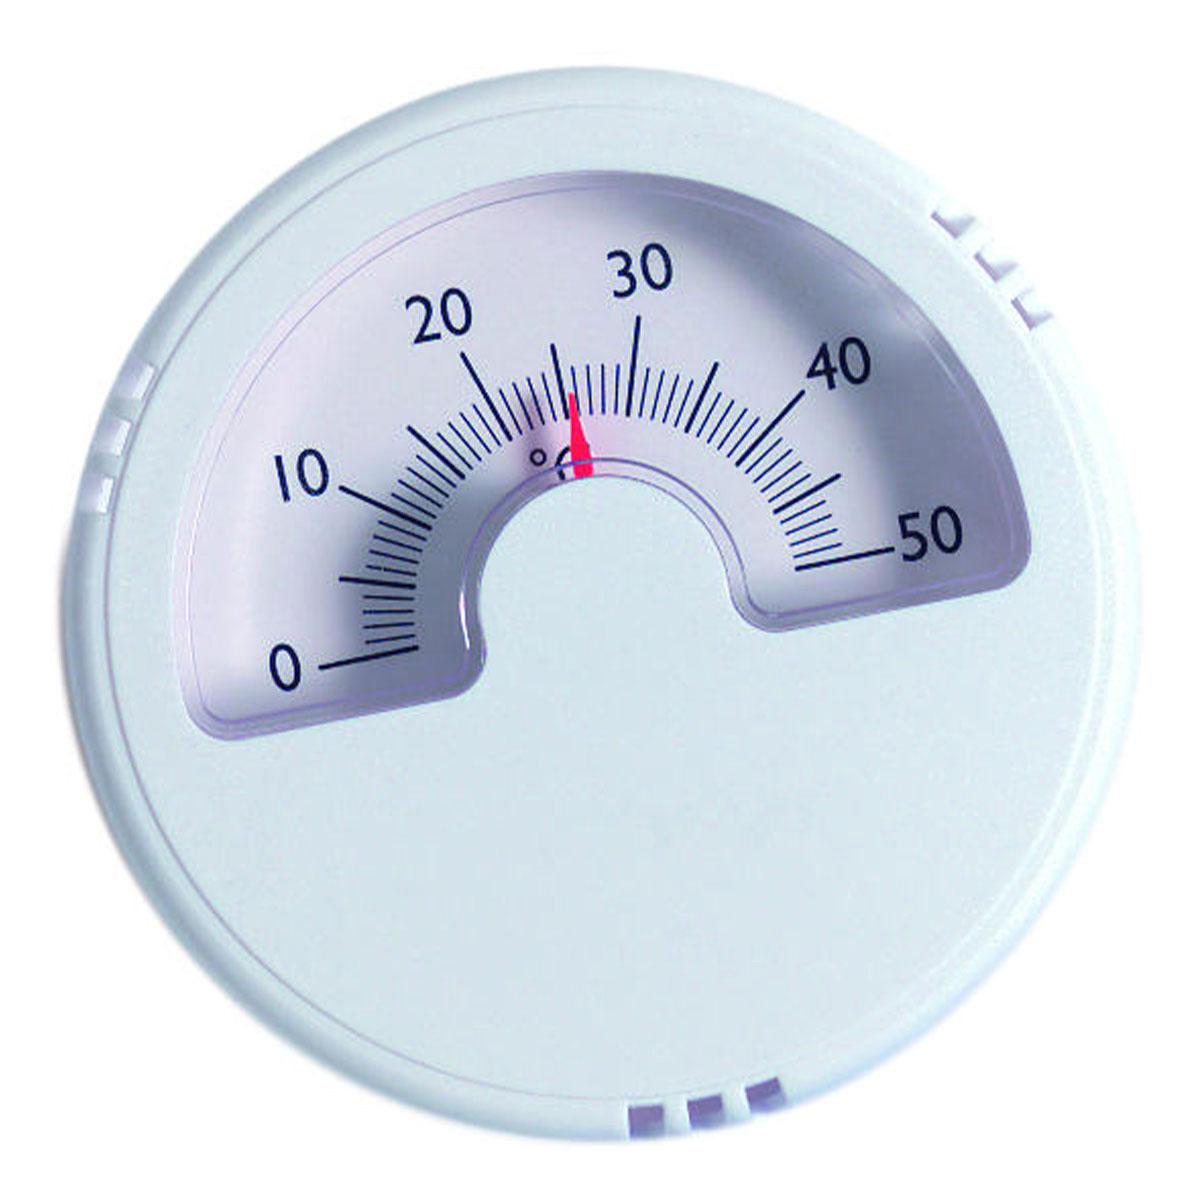 16-1003-02-analoges-innen-aussen-thermometer-1200x1200px.jpg